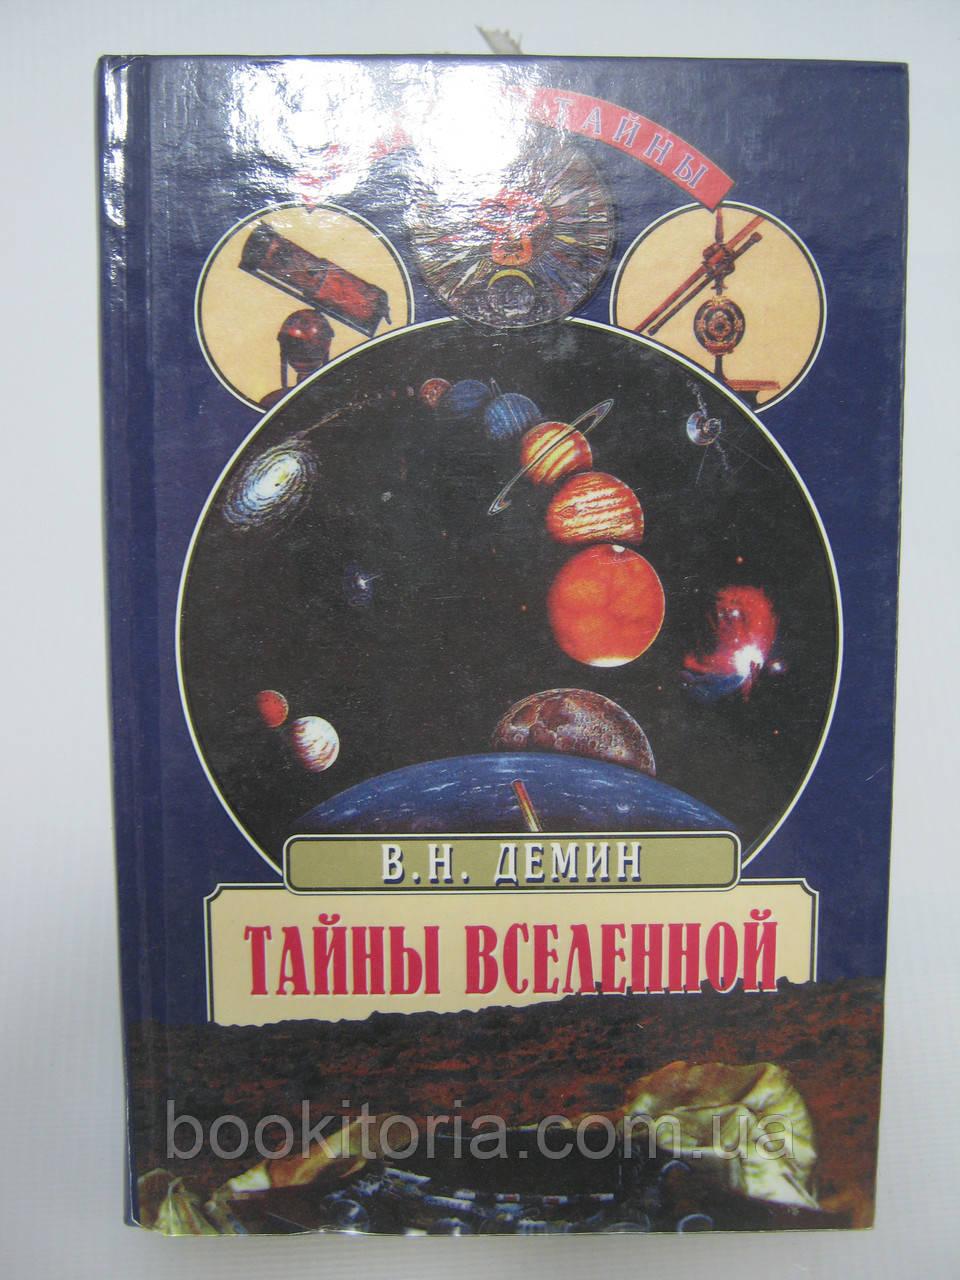 Демин В.Н. Тайны вселенной (б/у).